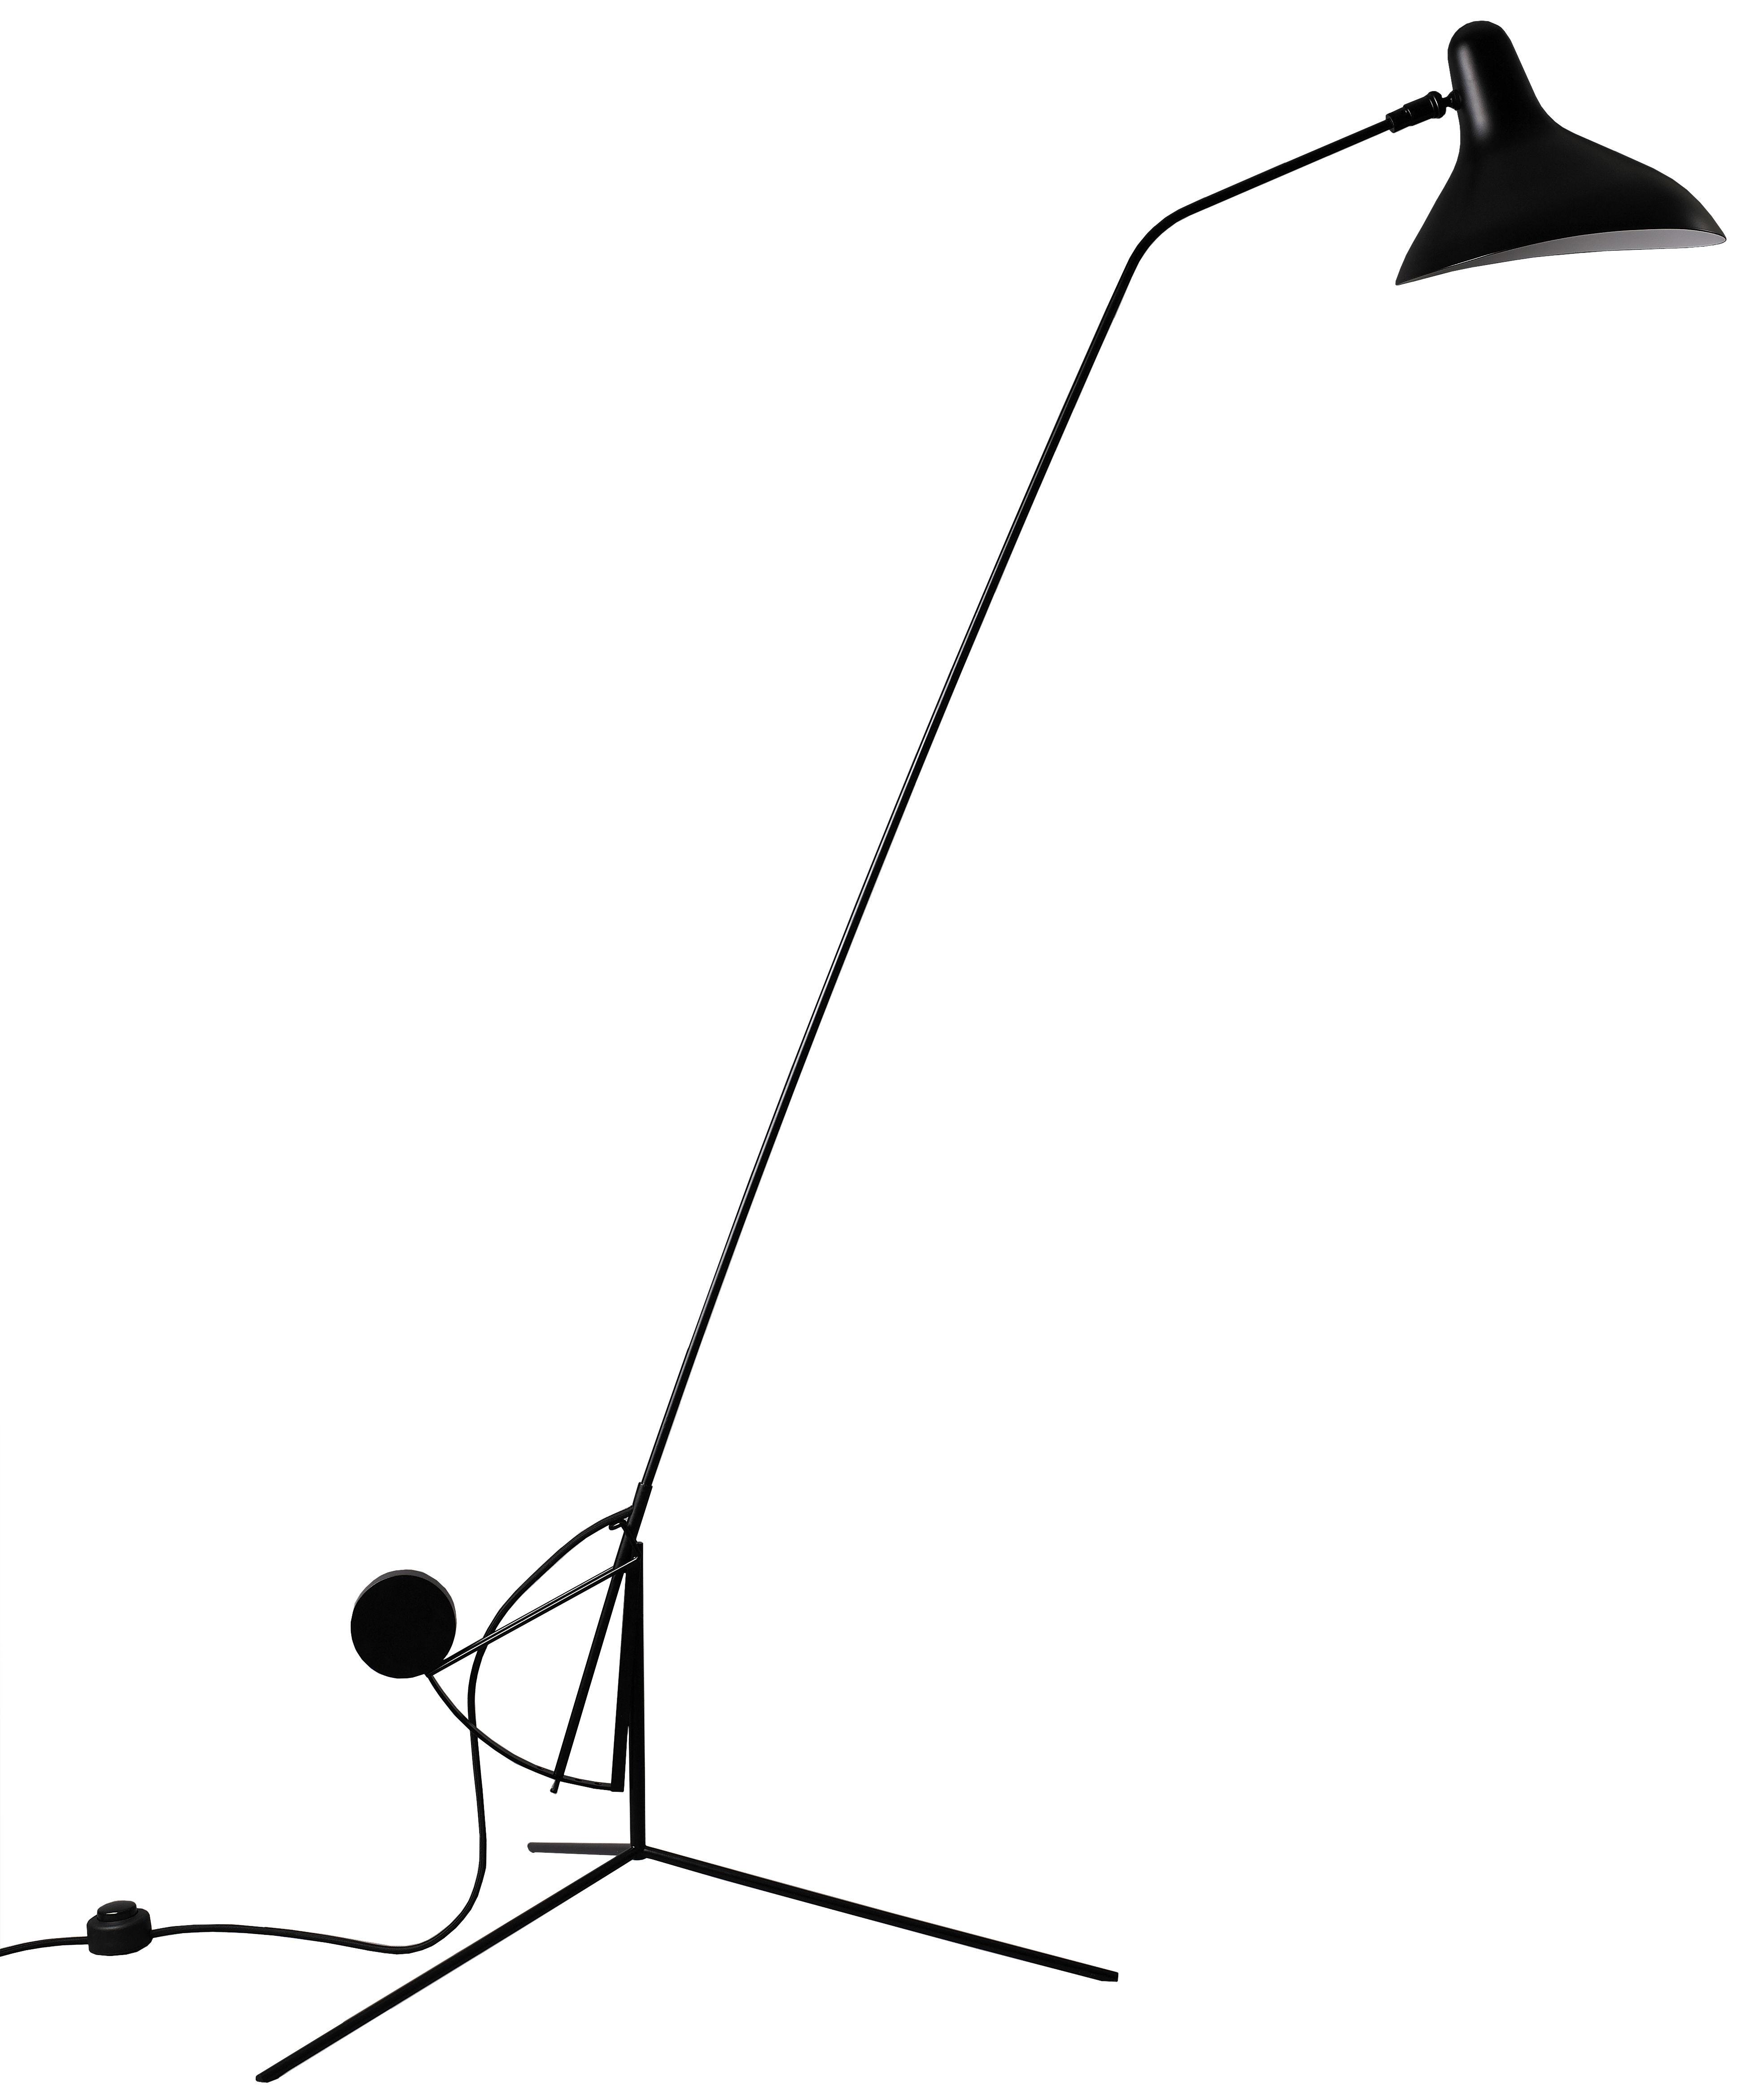 Leuchten - Stehleuchten - Mantis BS1 Stehleuchte / Neuauflage des Originals aus dem Jahr 1951 - DCW éditions - Schwarz - Aluminium, Stahl